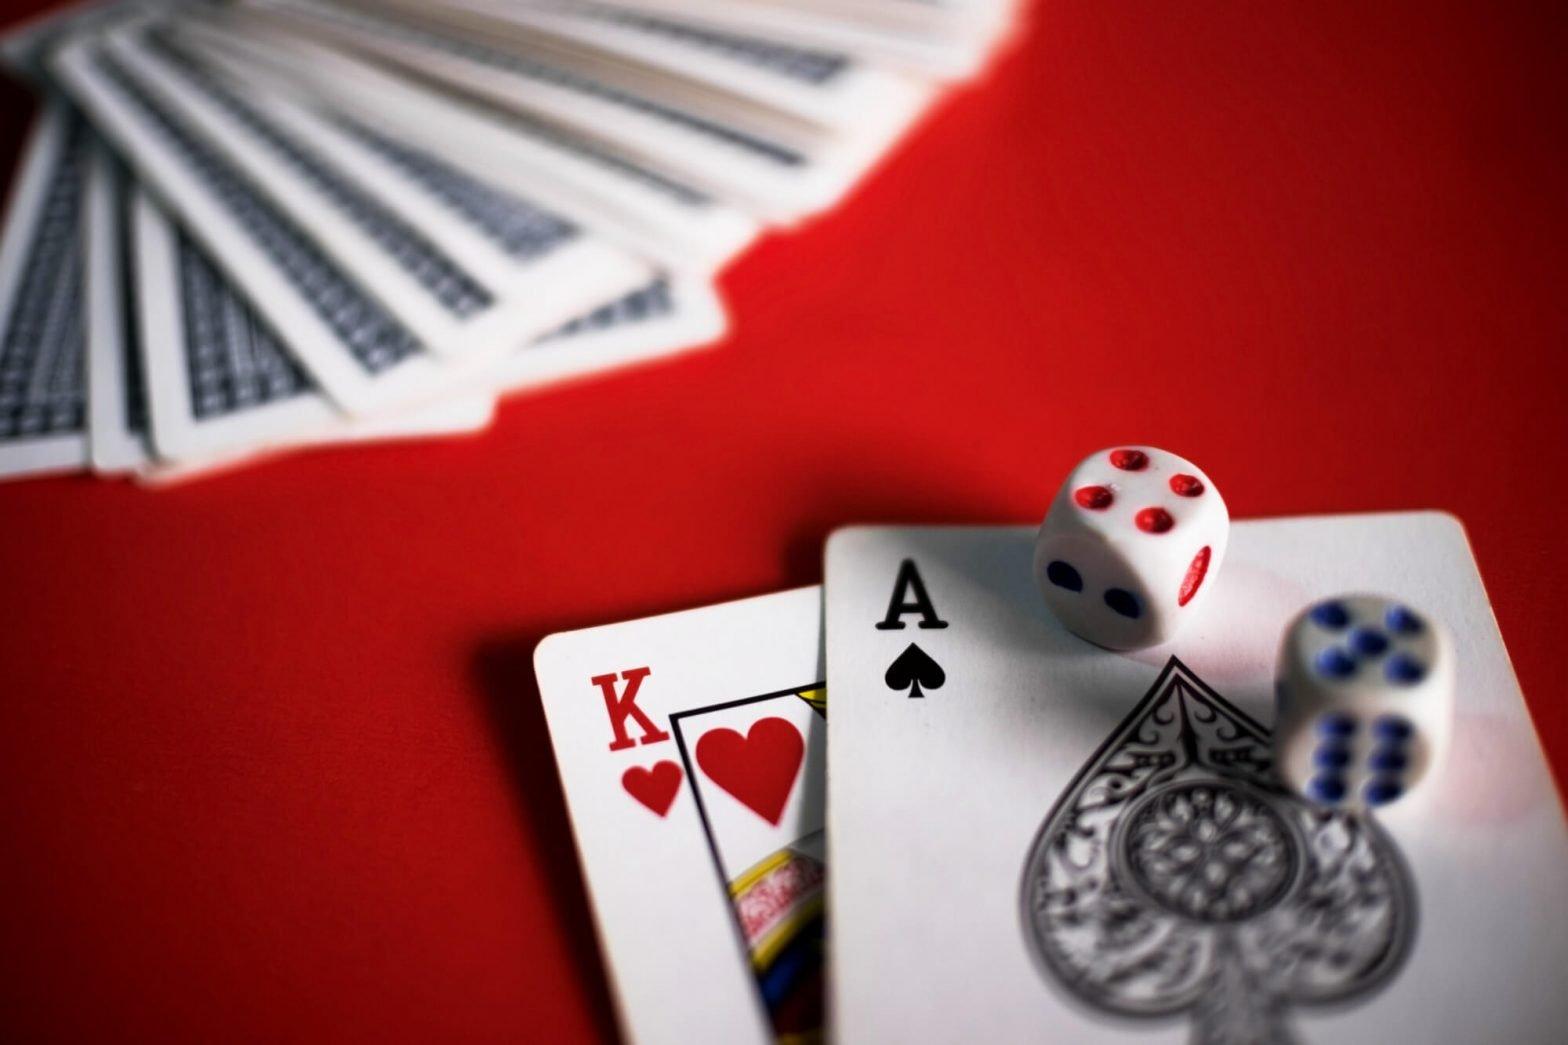 Miten voit varmistaa mahdollisimman palkitsevan pelikokemuksen?